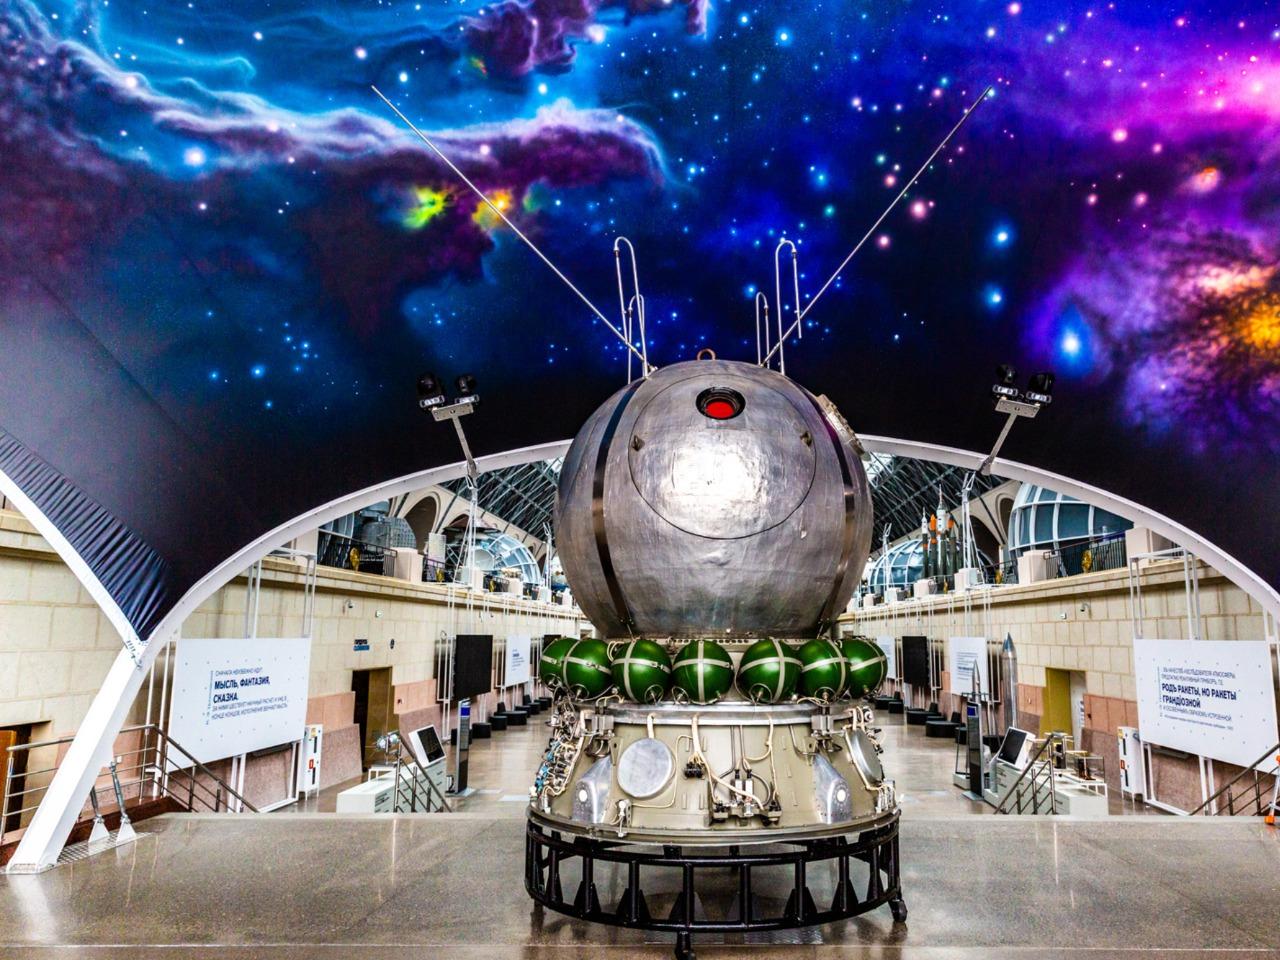 Утро космической эры: музей Космонавтики - индивидуальная экскурсия по Москве от опытного гида